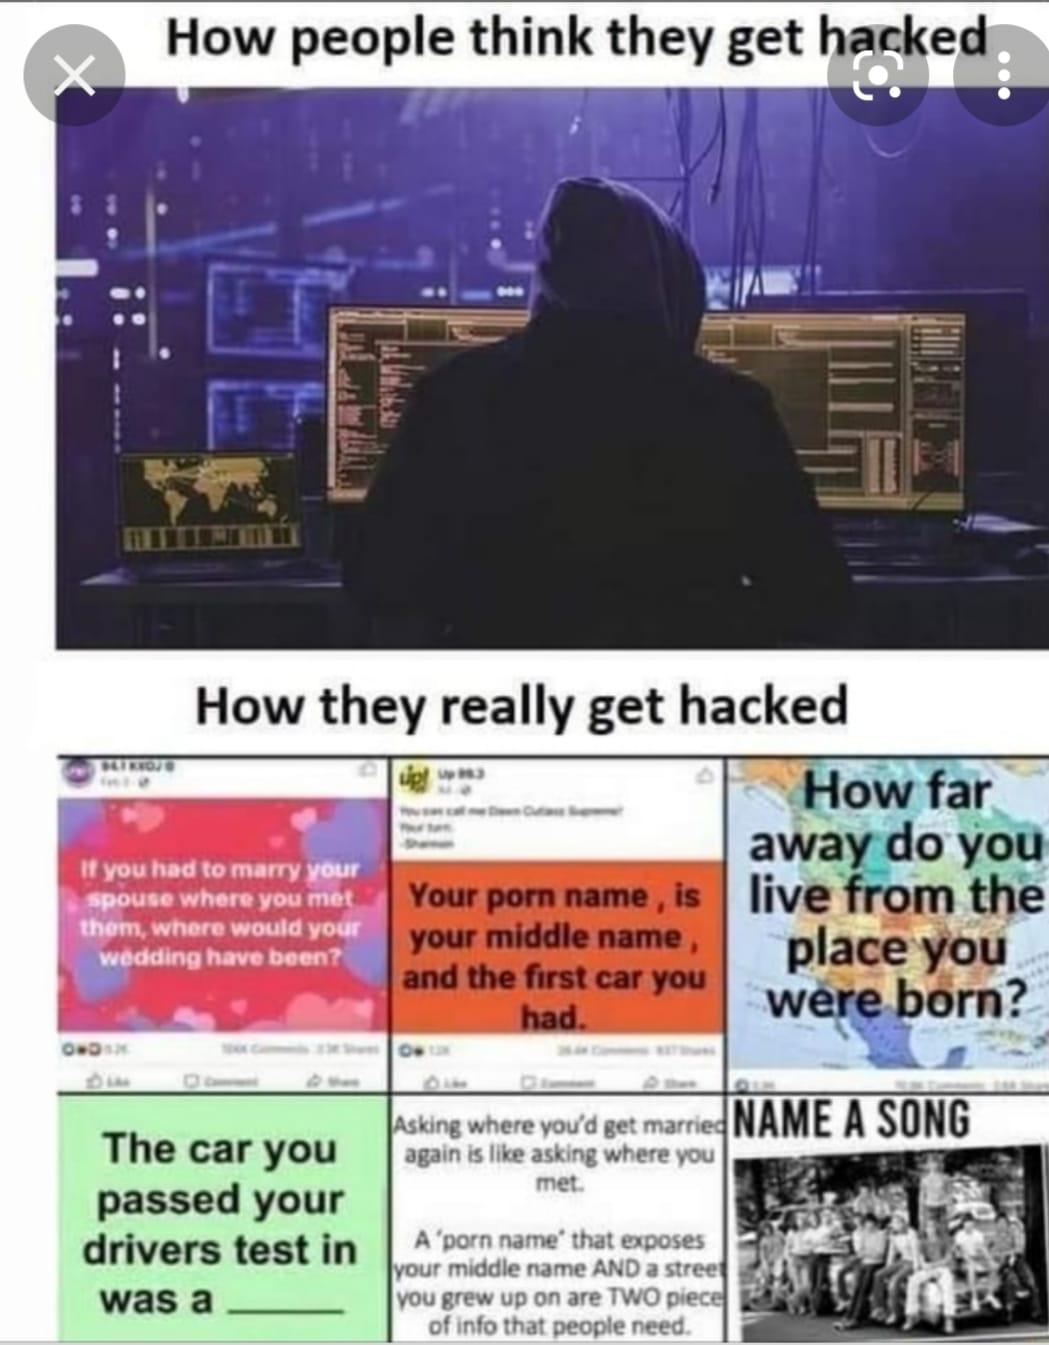 facebook radio station hacking 2021